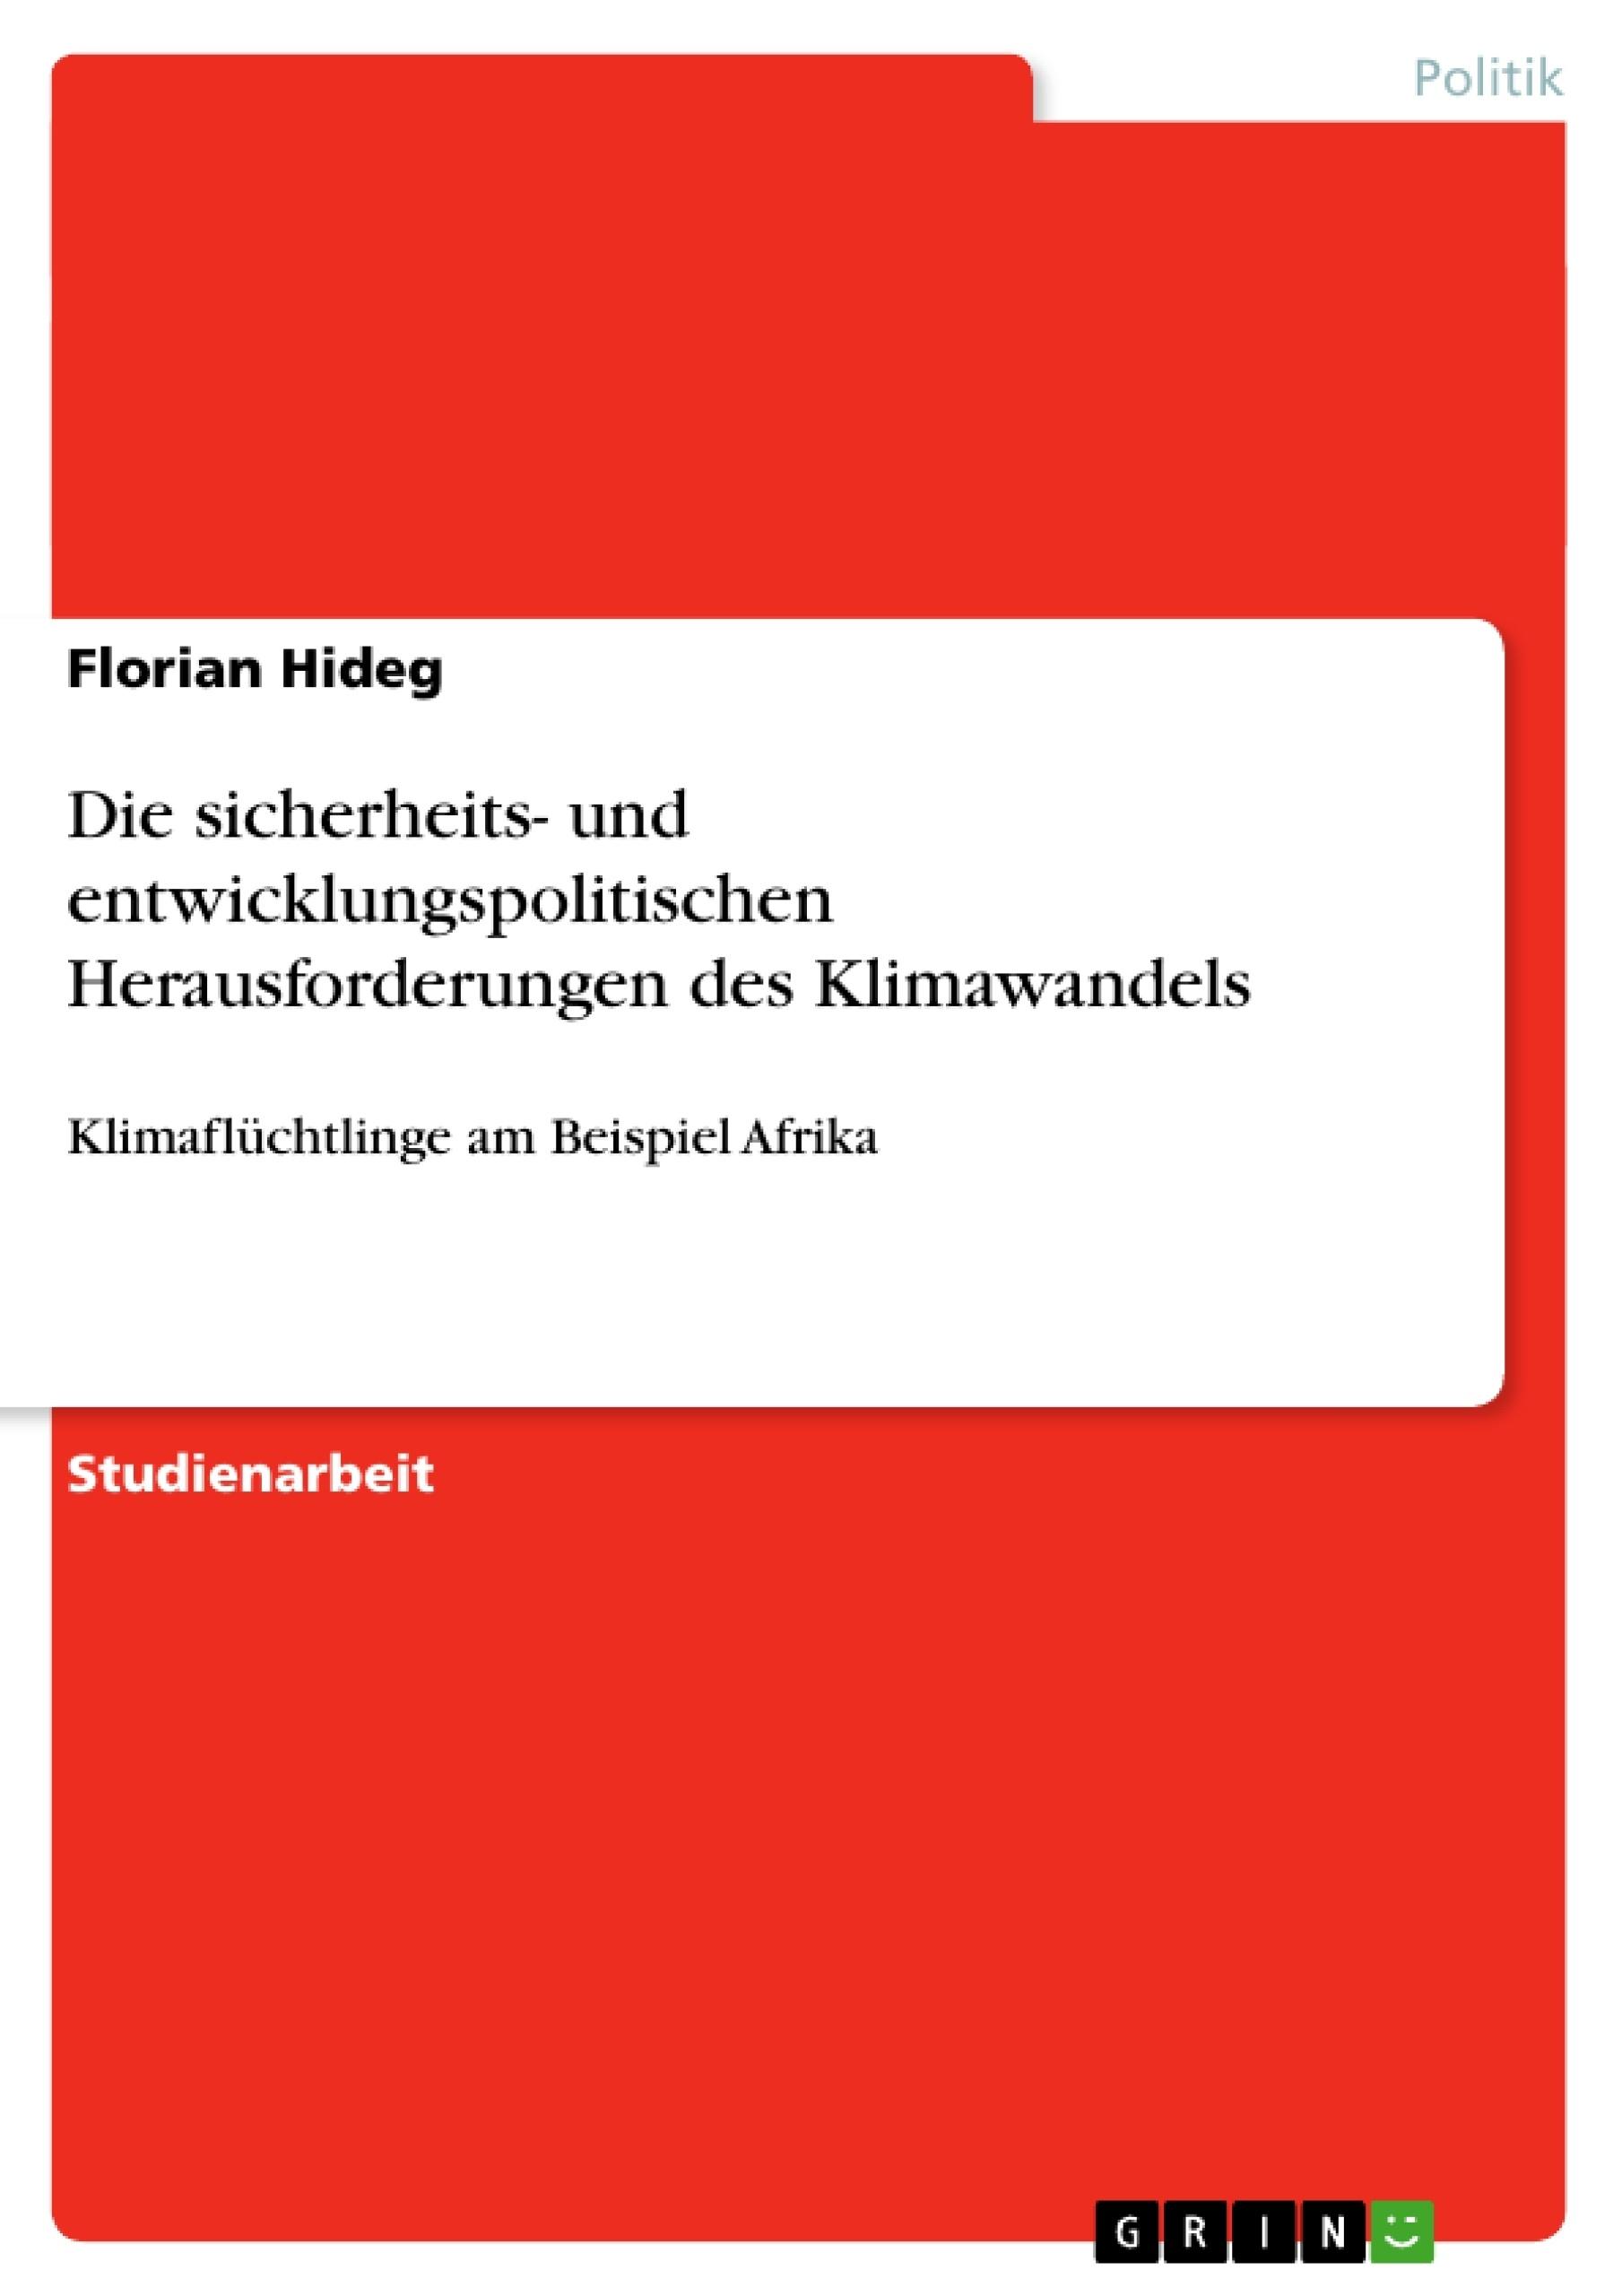 Die sicherheits- und entwicklungspolitischen Herausforderungen des ...